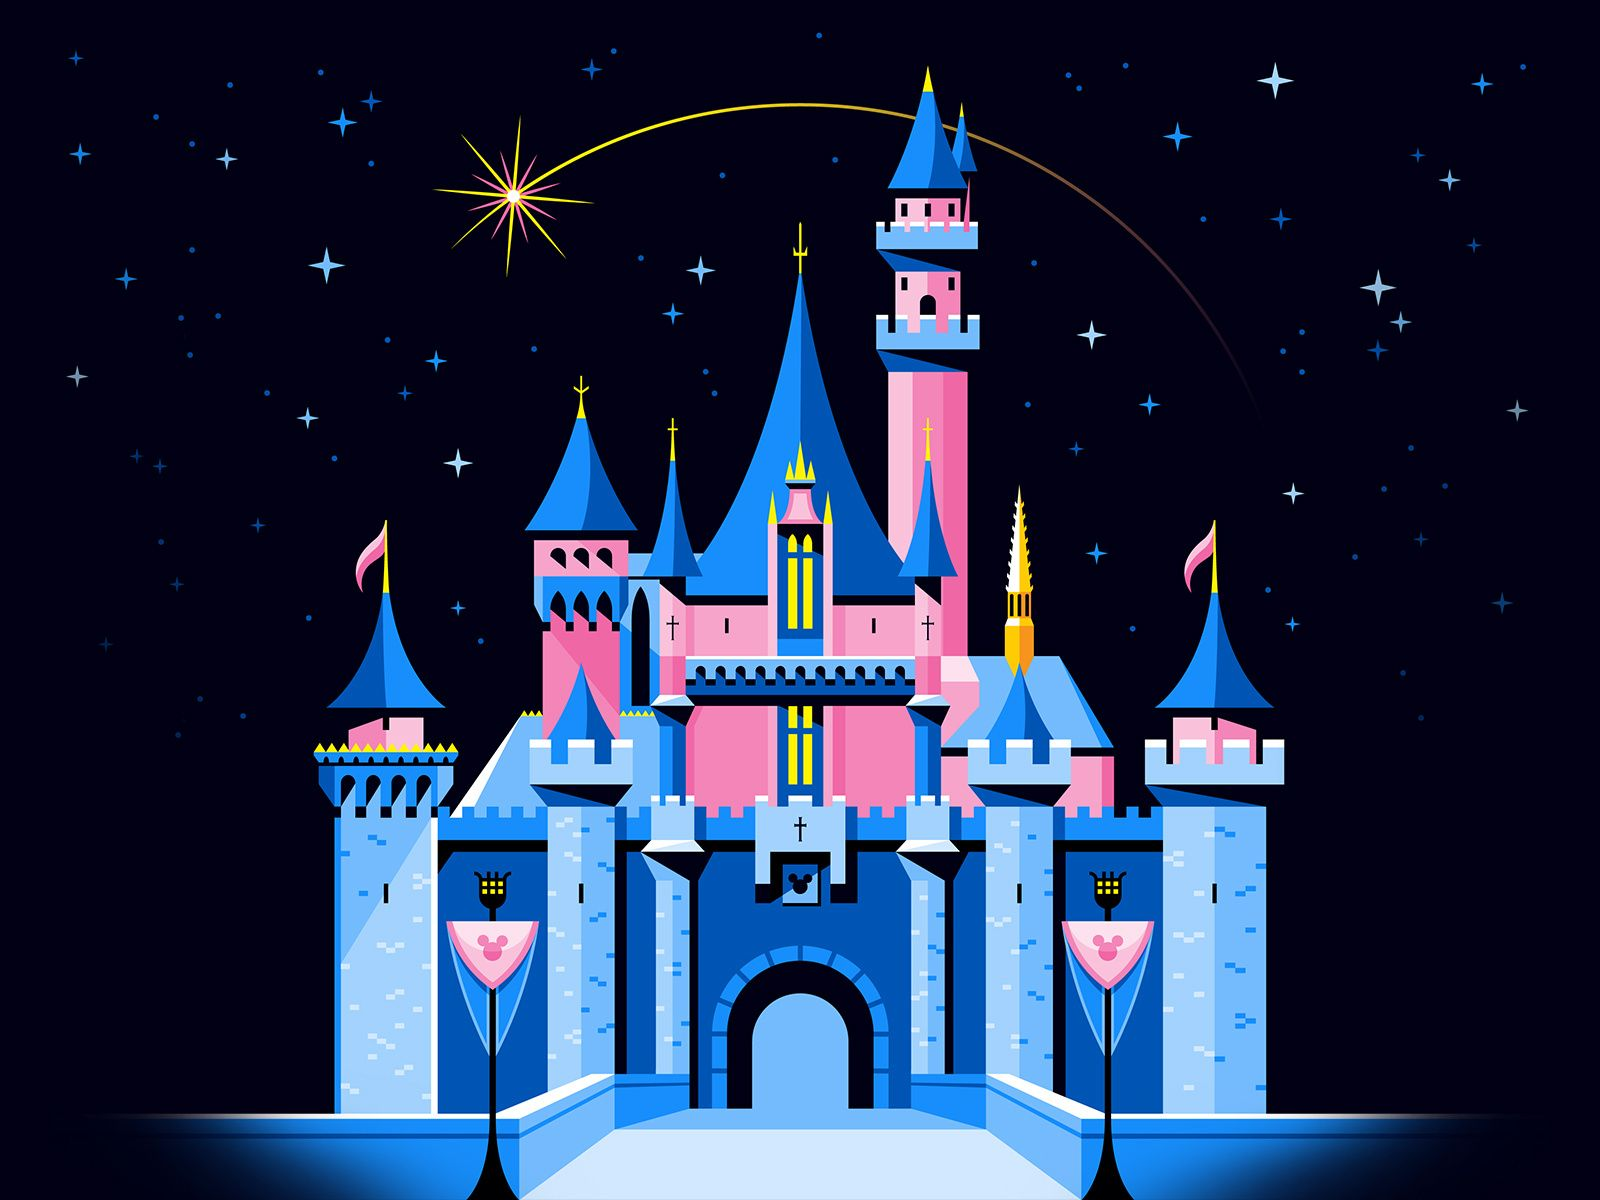 Sleeping Beauty S Castle Disney Castle Drawing Sleeping Beauty Castle Disneyland Disney Drawings